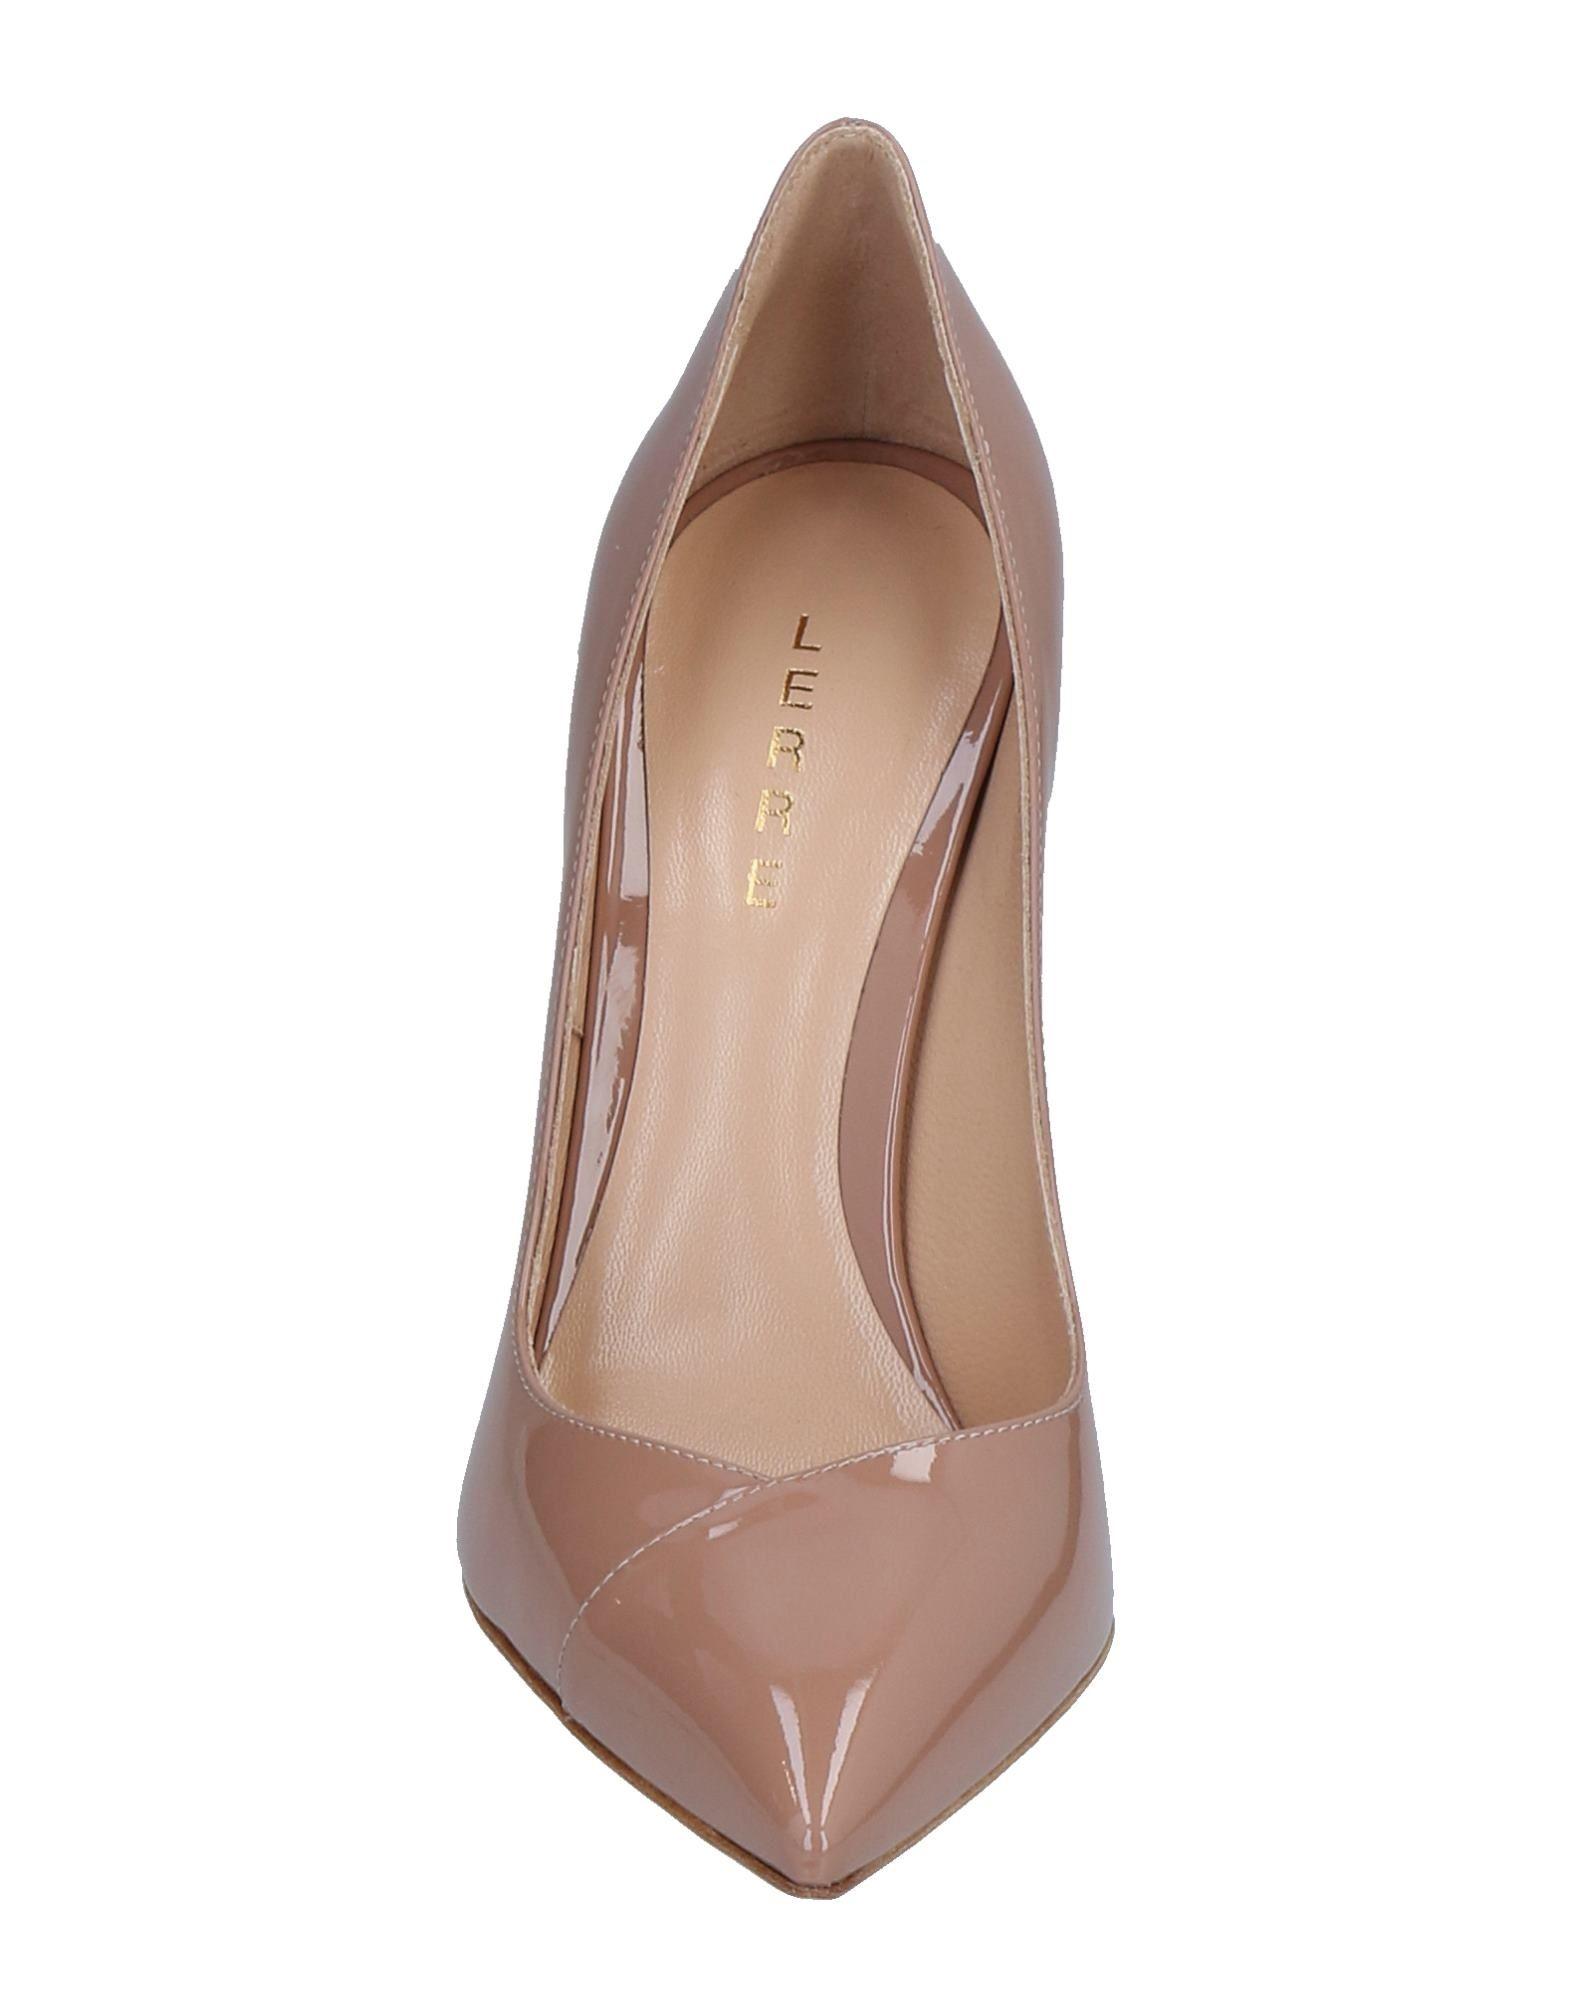 Rabatt Schuhe Lerre Pumps Damen  11508539DP